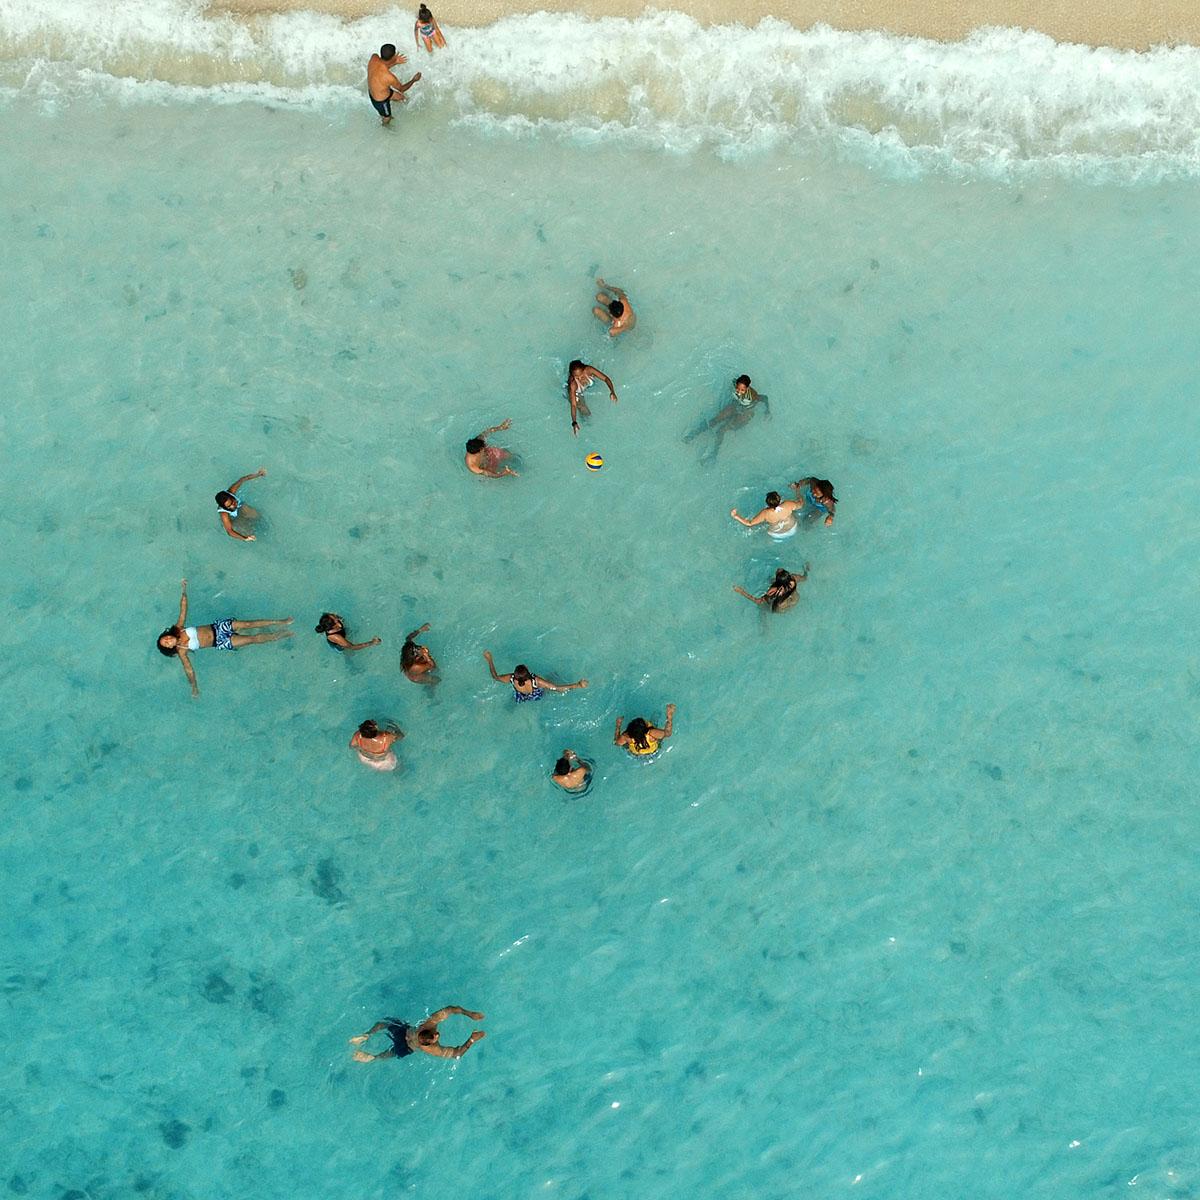 Vue de la plage du Morne à l'île Maurice avec le drone DJI Phantom 3 Professional